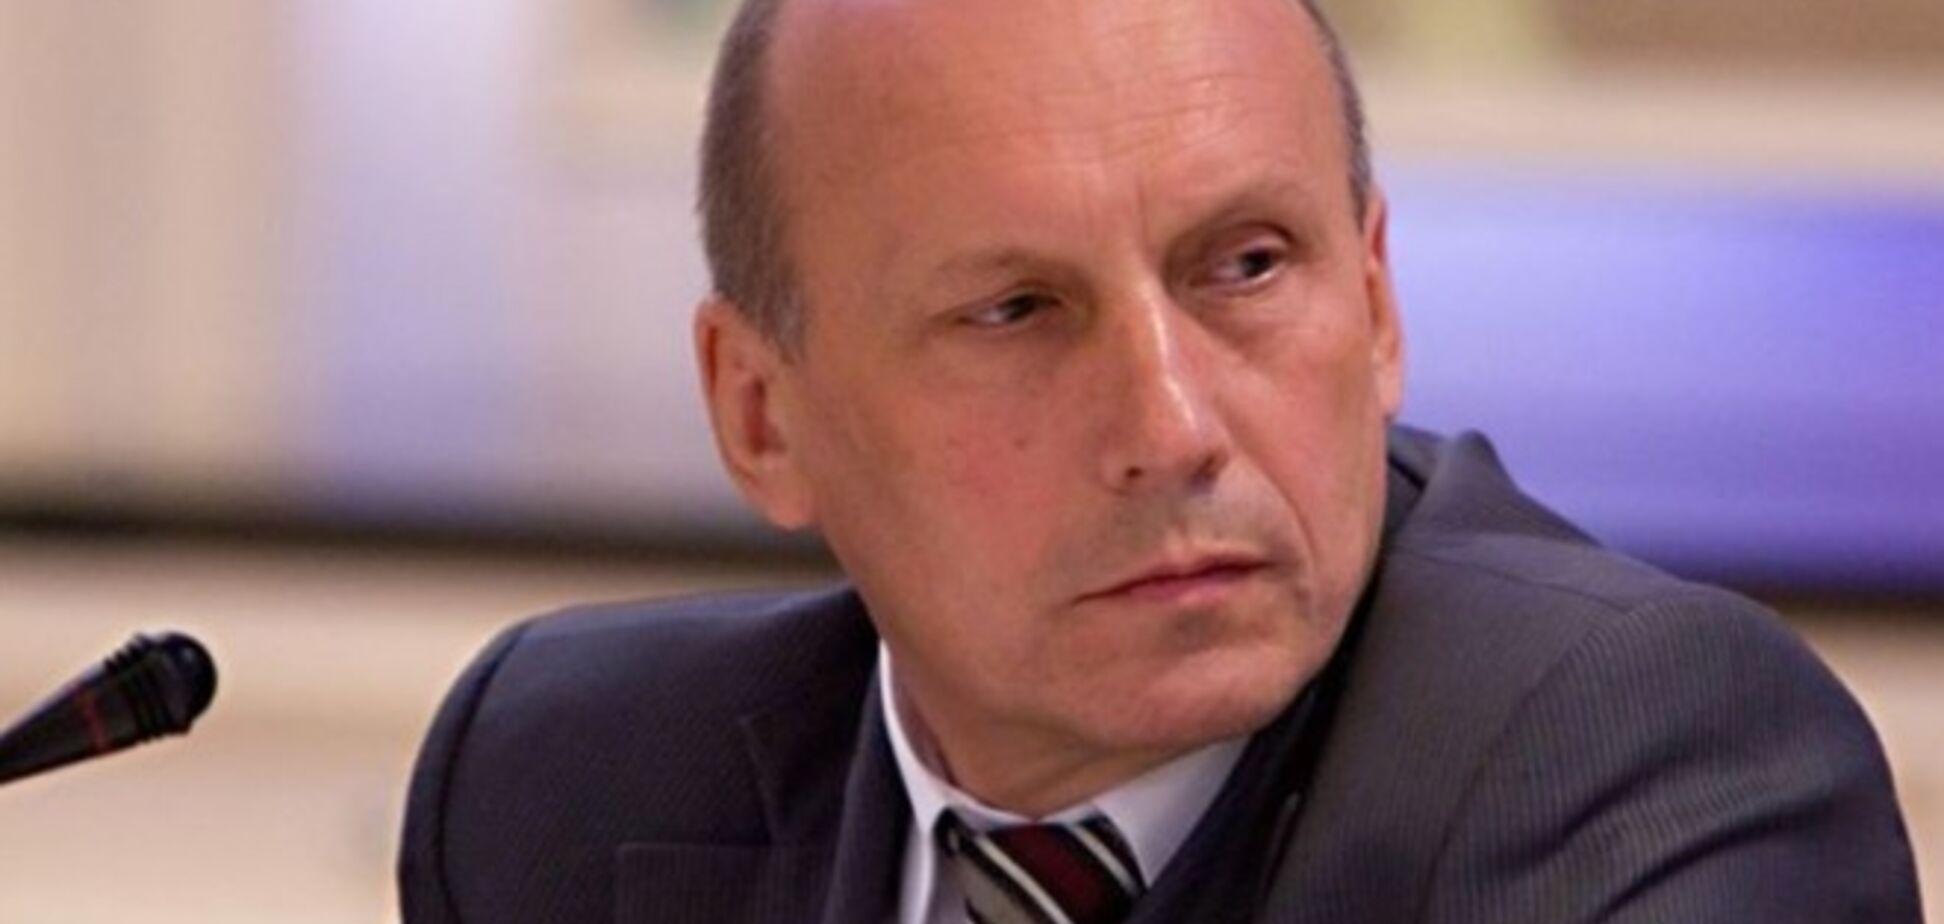 Дело против Бакулина возобновили под давлением общественности - Геращенко